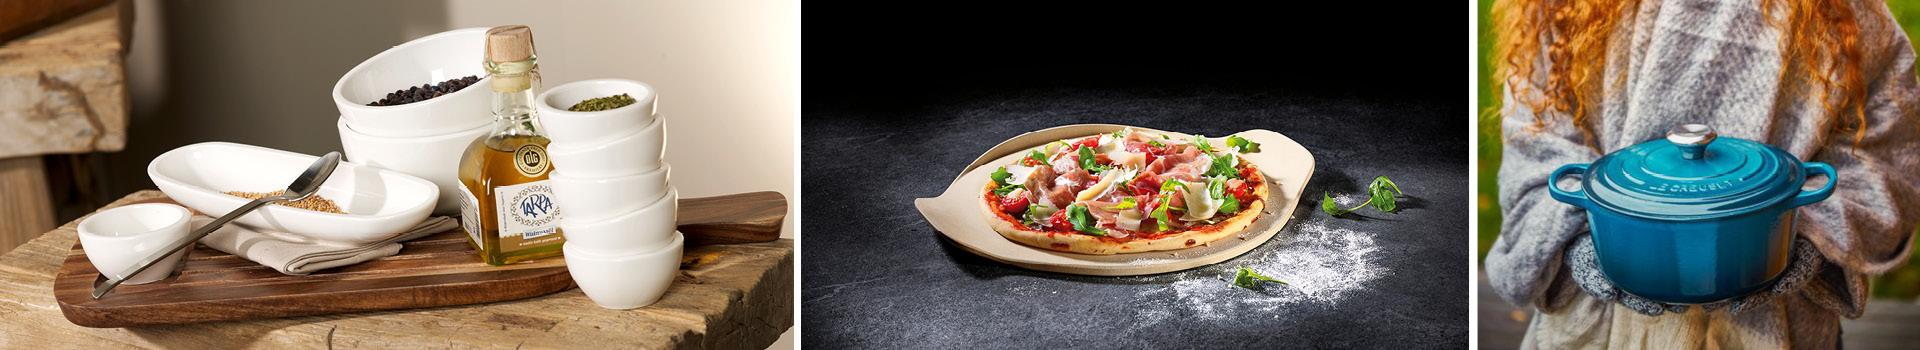 Smak-duft-del-tilbud-kampanje-matlaging-kjøkkenutstyr.jpg